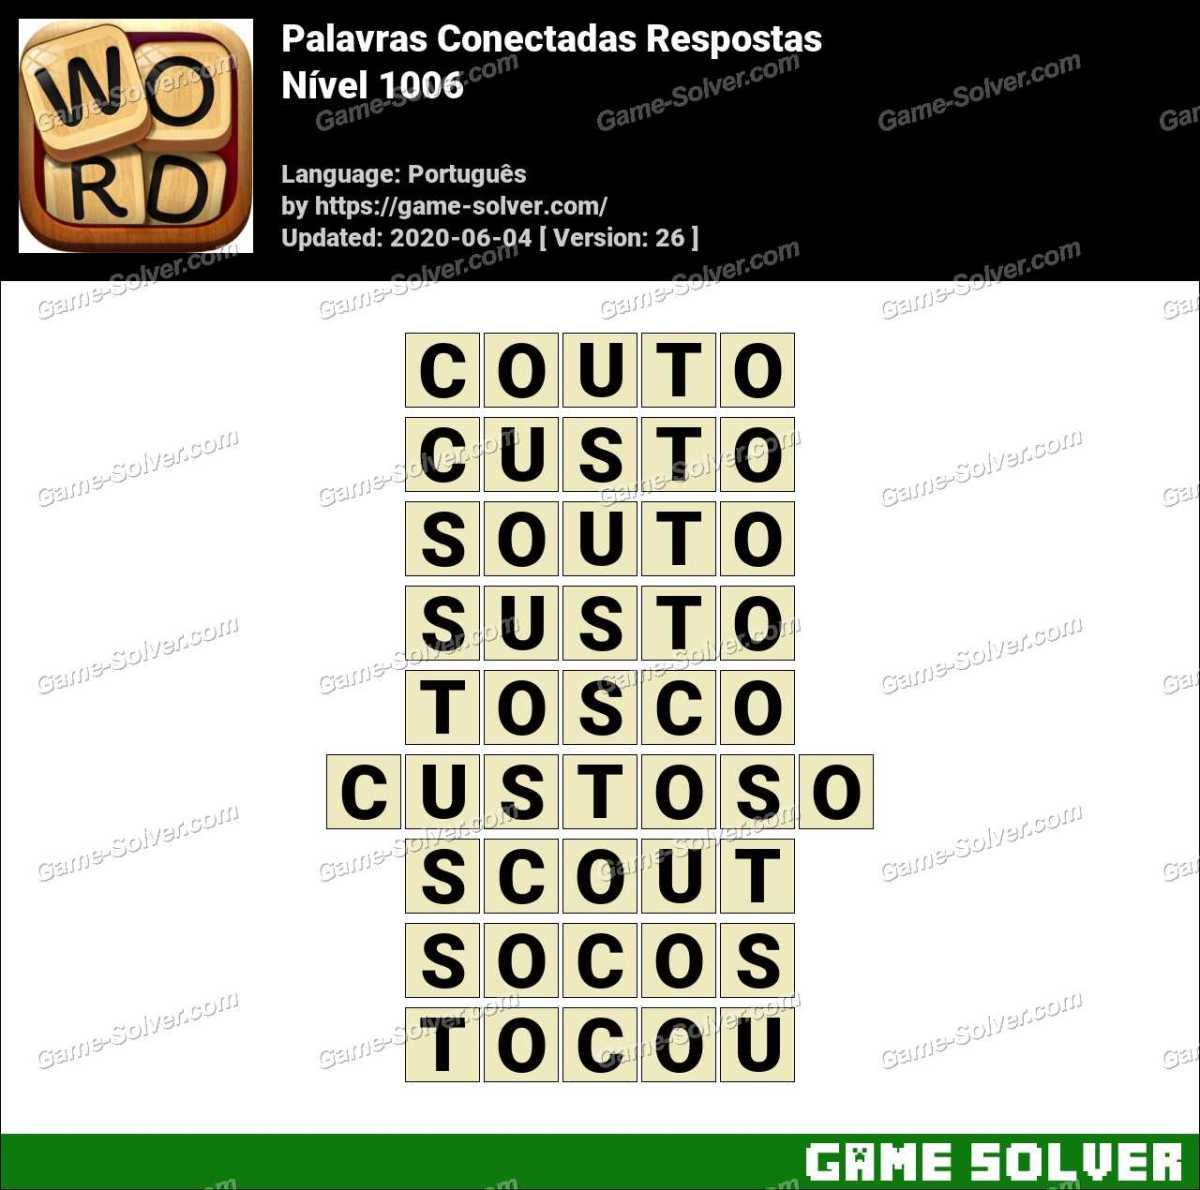 Palavras Conectadas Nivel 1006 Respostas